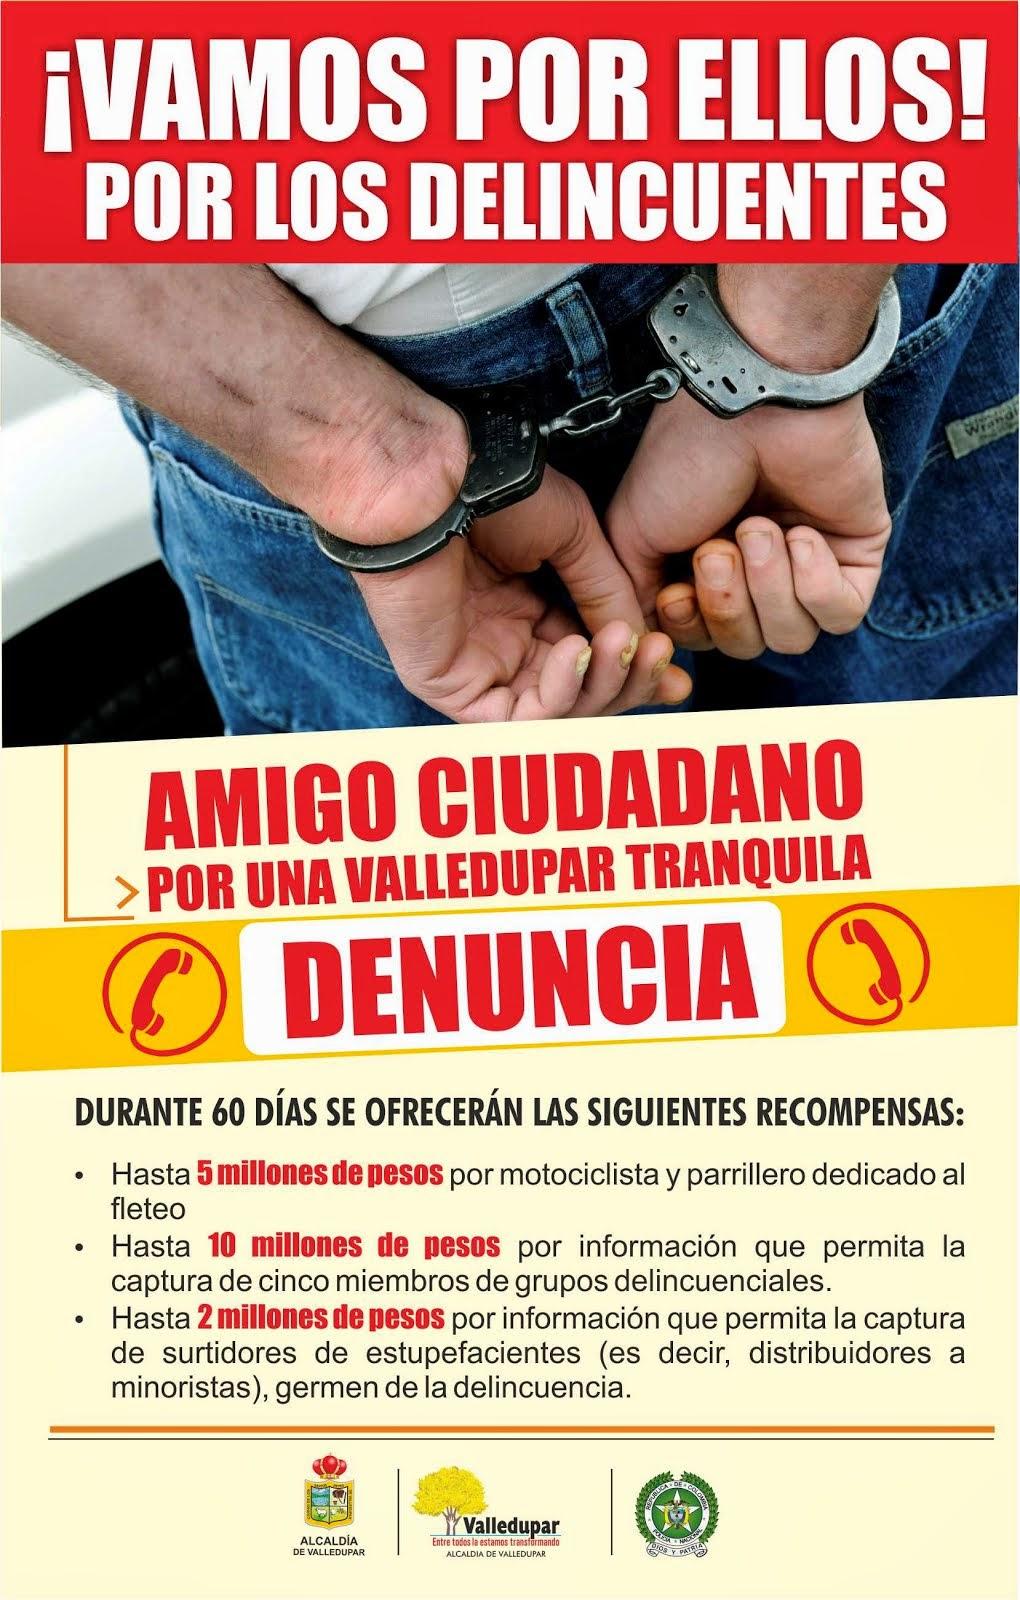 Recompensa por información que lleve a capturar delincuentes